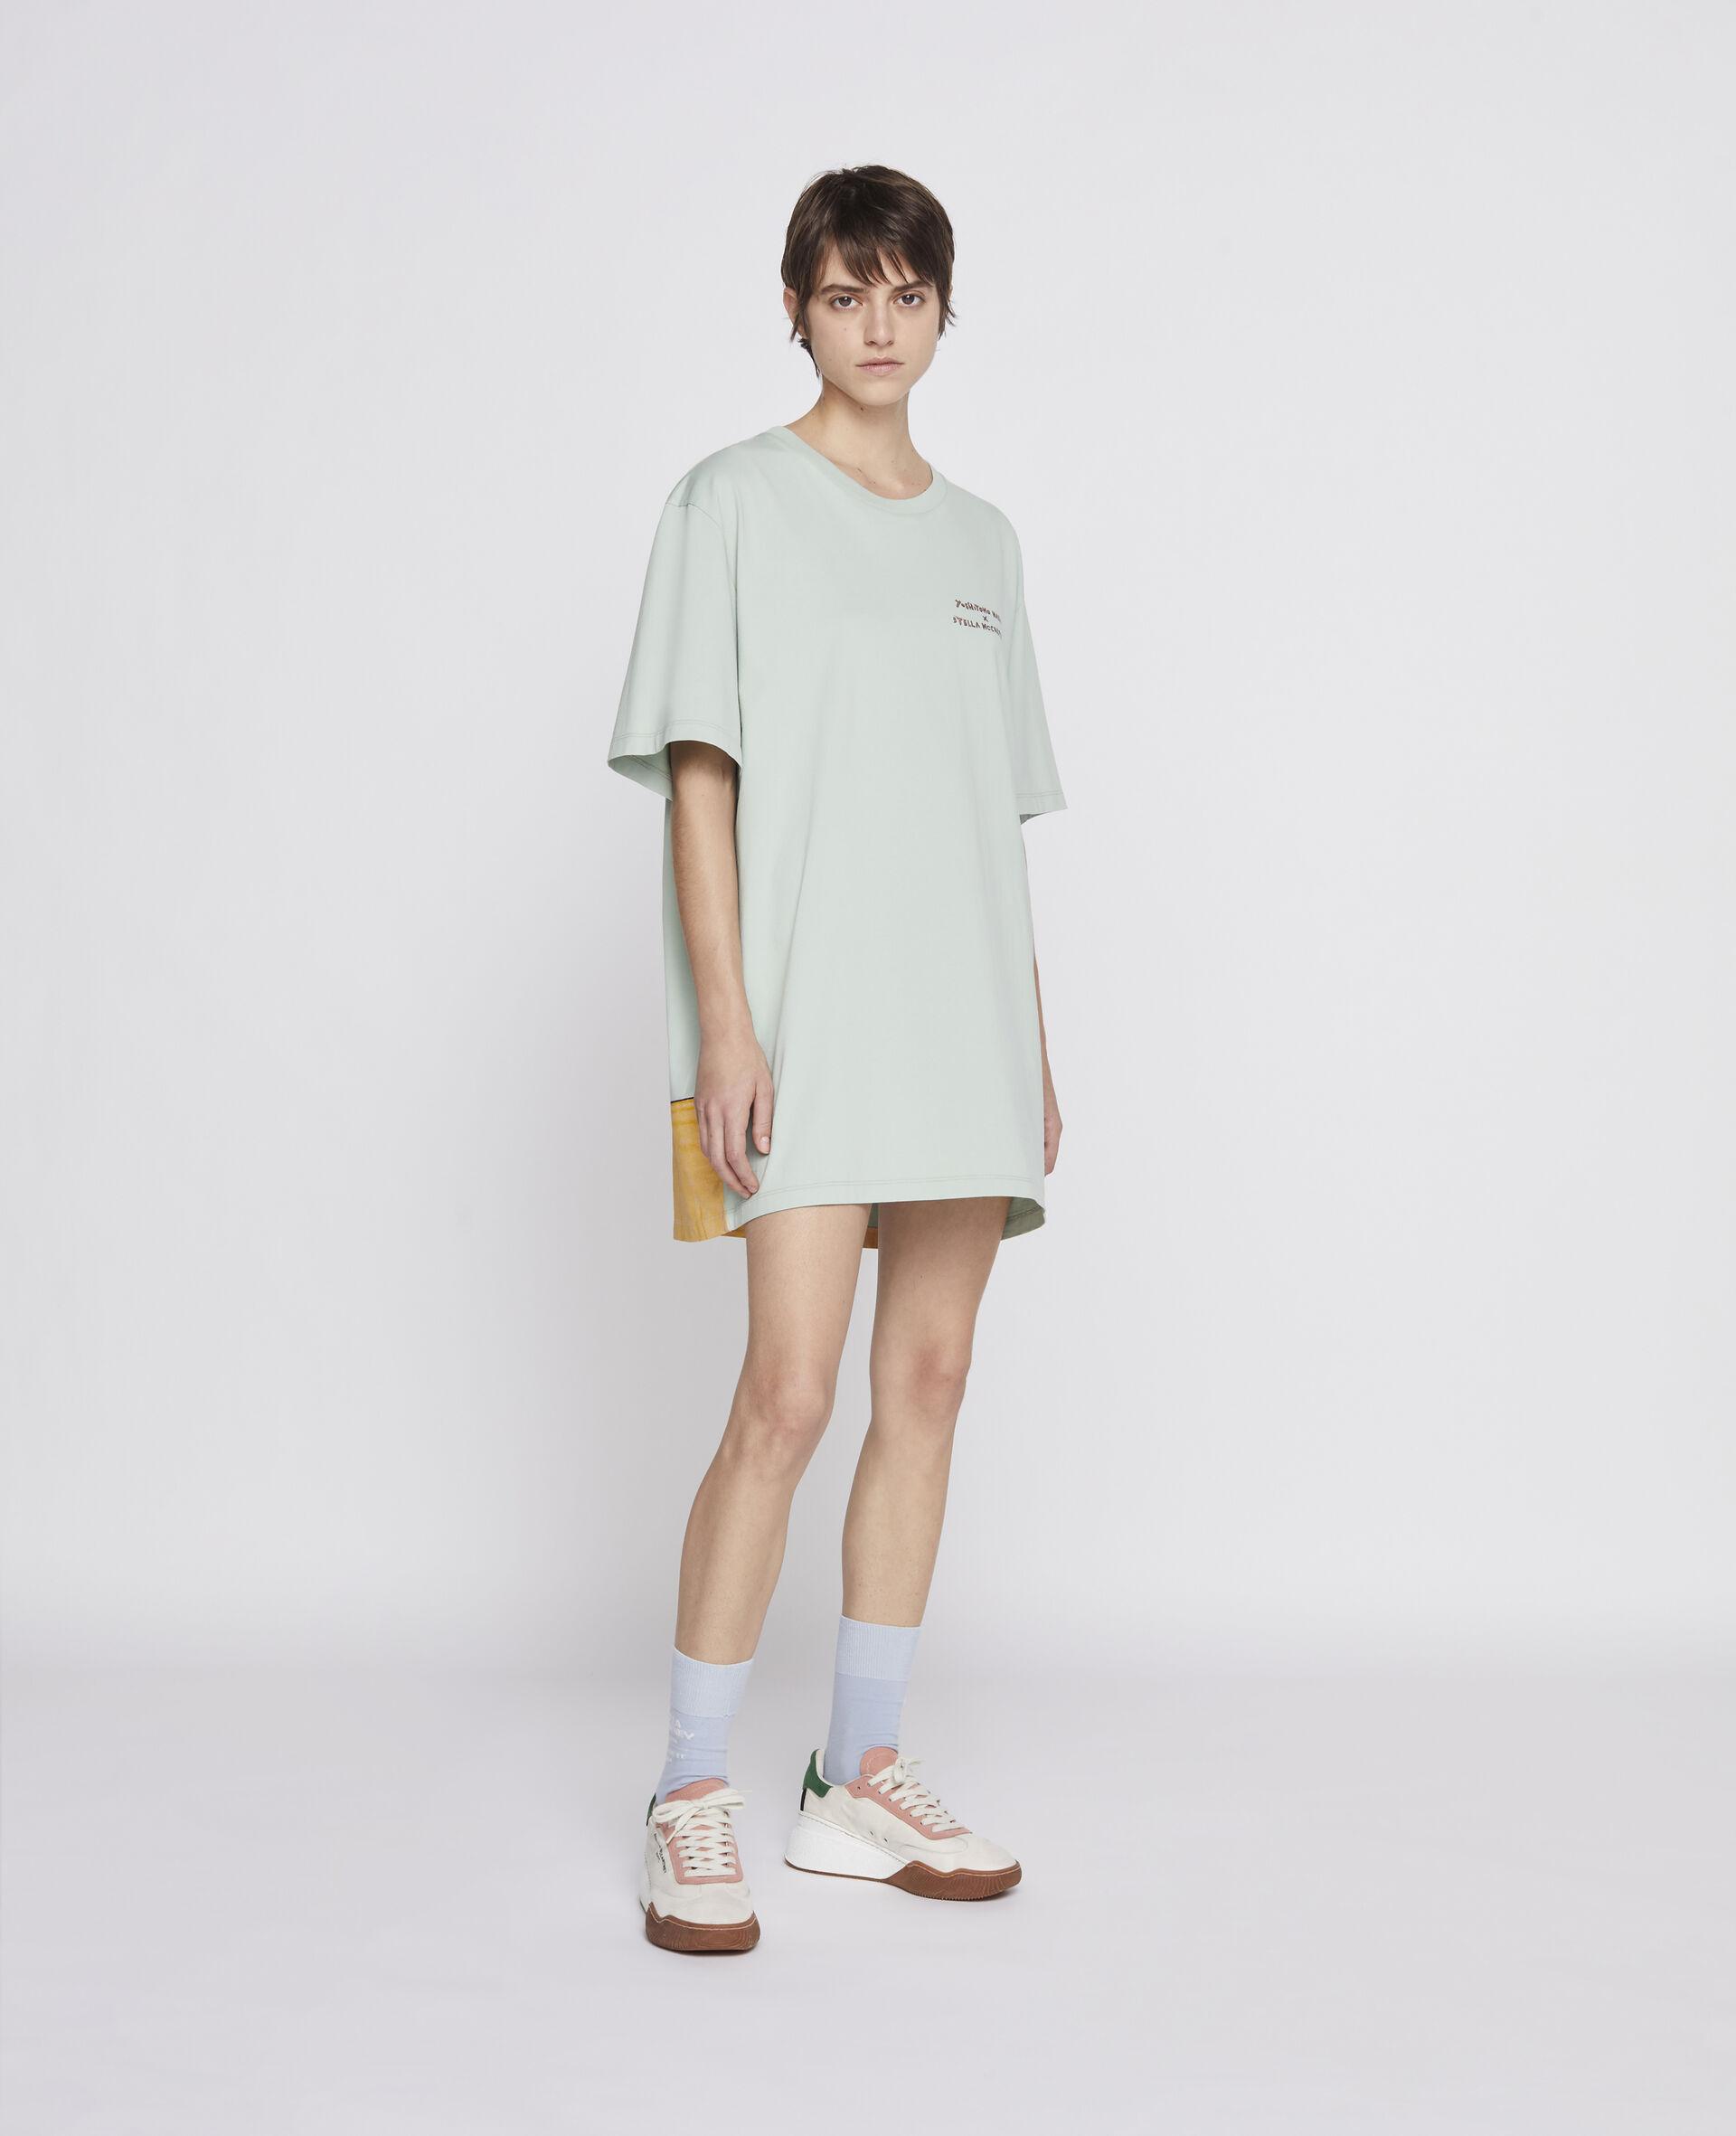 ナラ オーガニック コットン Tシャツ -グリーン-large image number 3